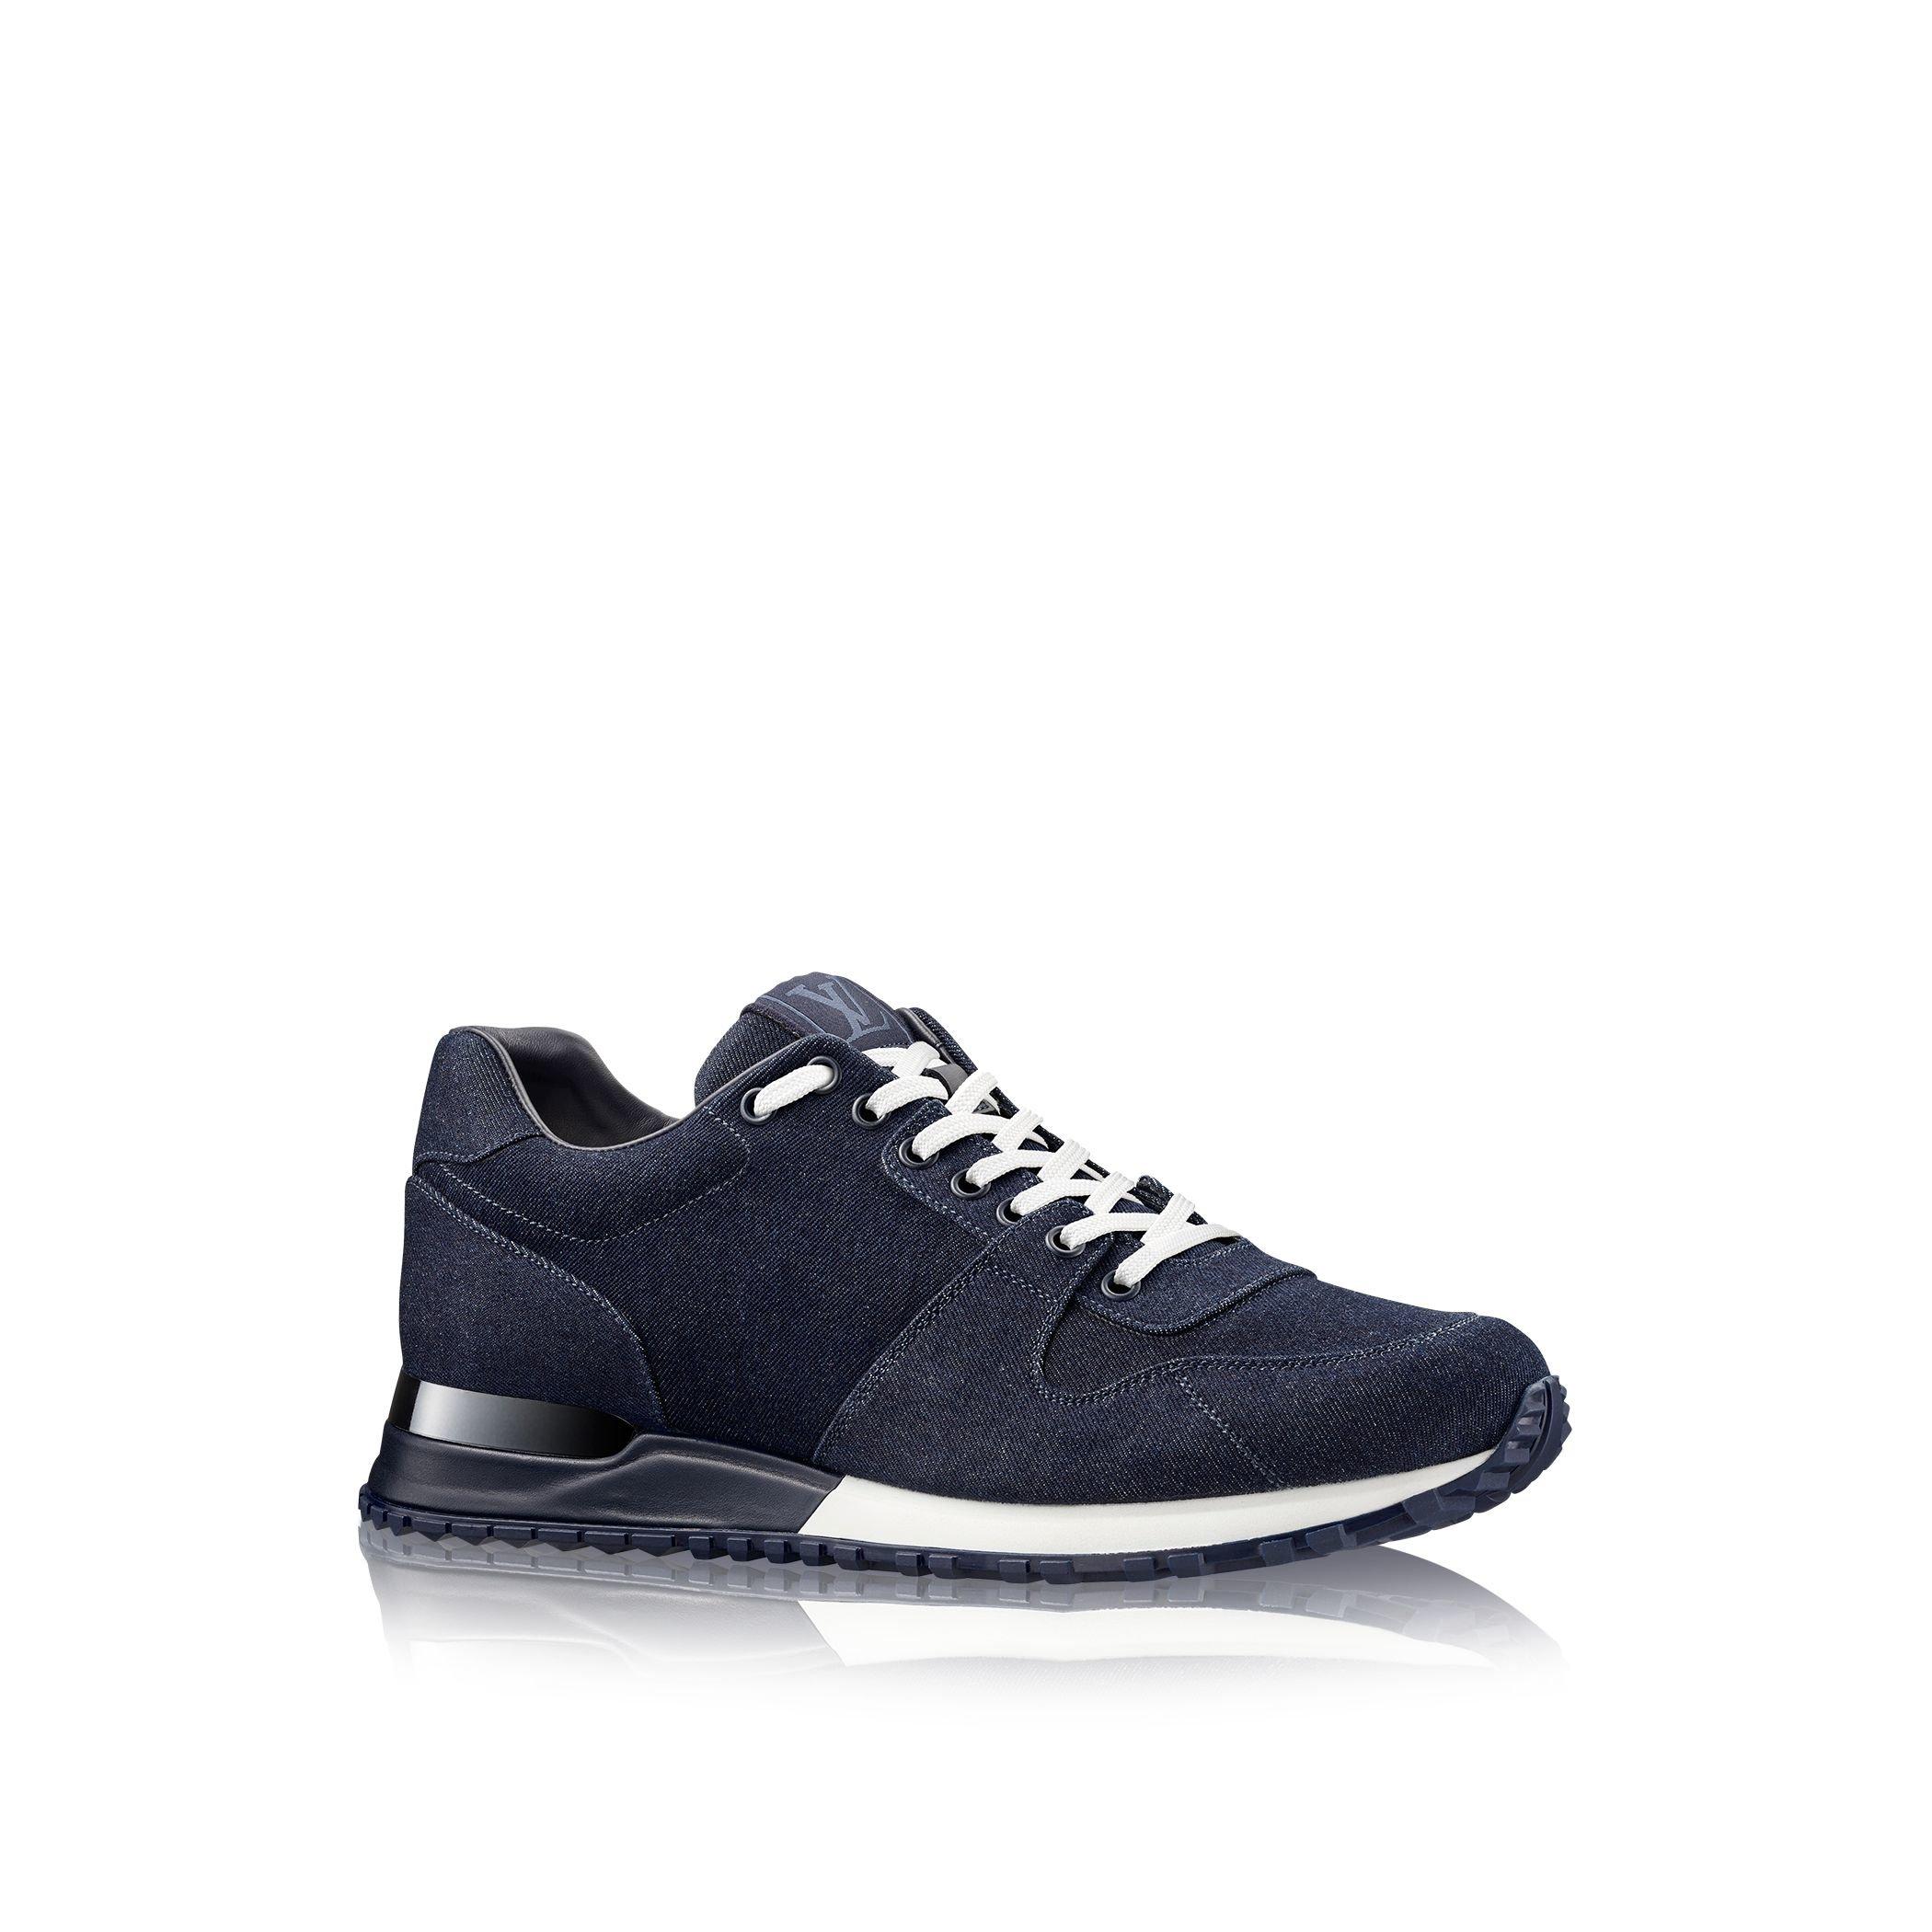 Fendi Womens Tennis Shoes